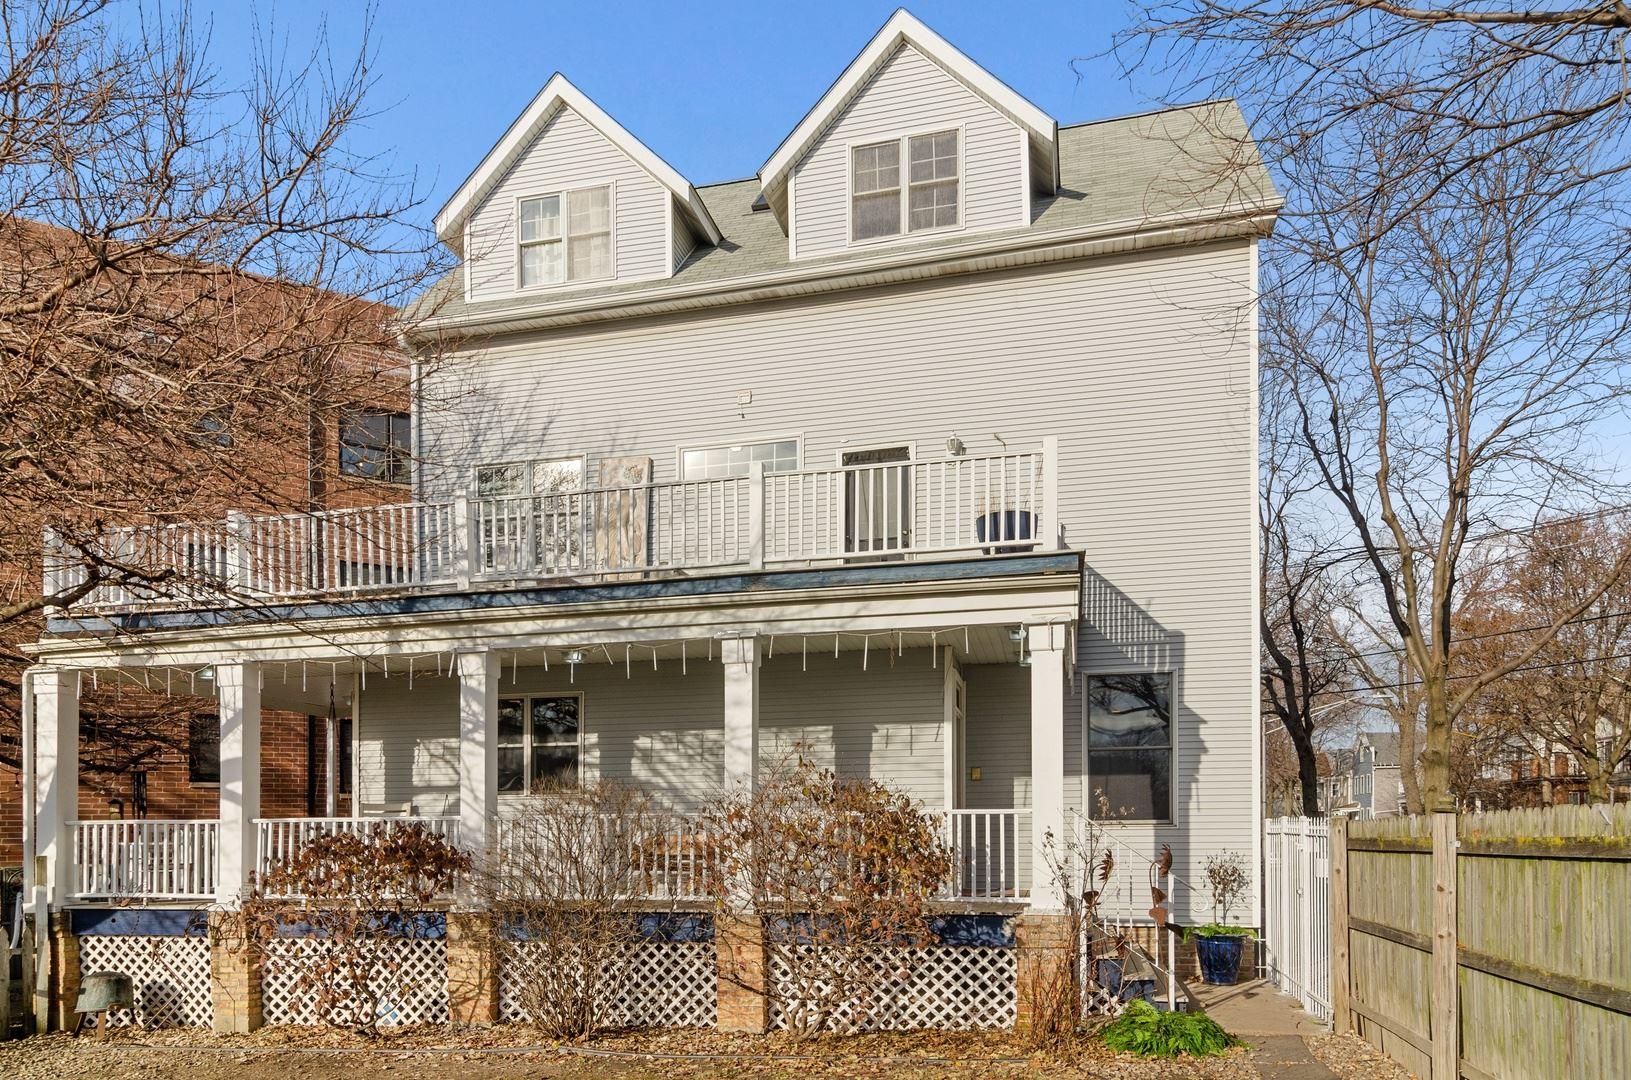 3016 N Leavitt Street, Chicago, IL 60618 - #: 10652509